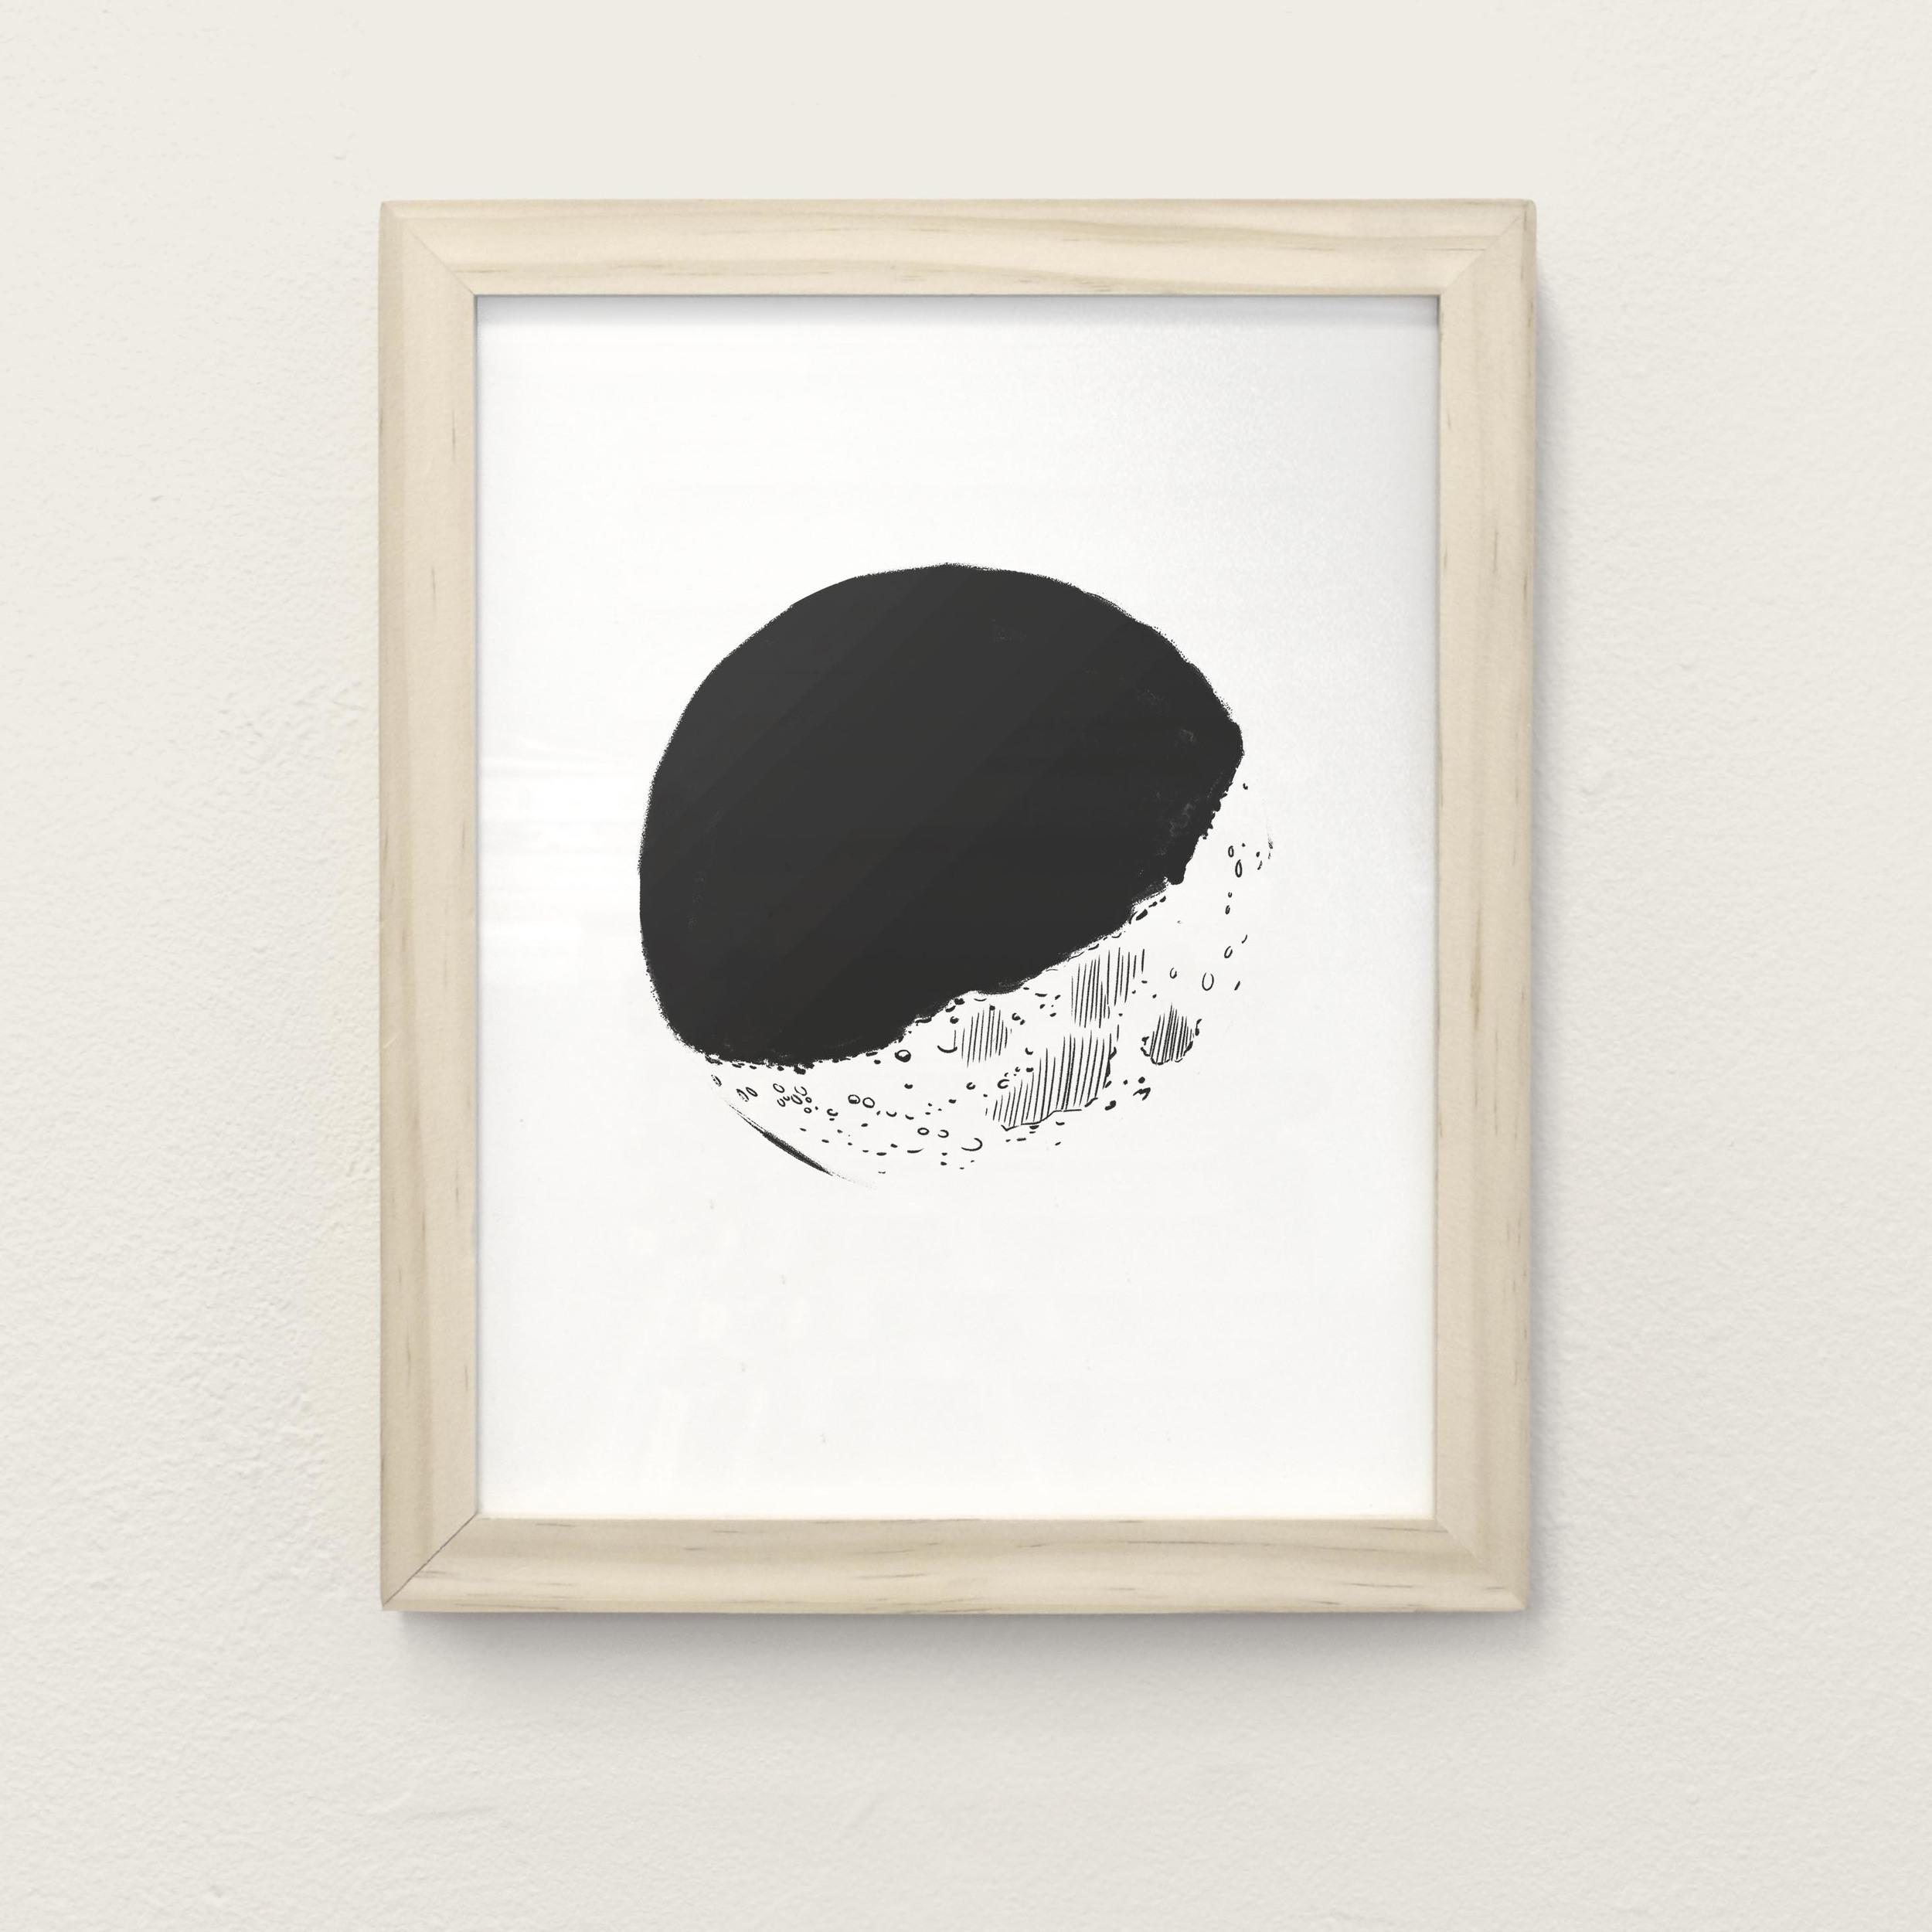 Framed-White_0009_The Moon.jpg